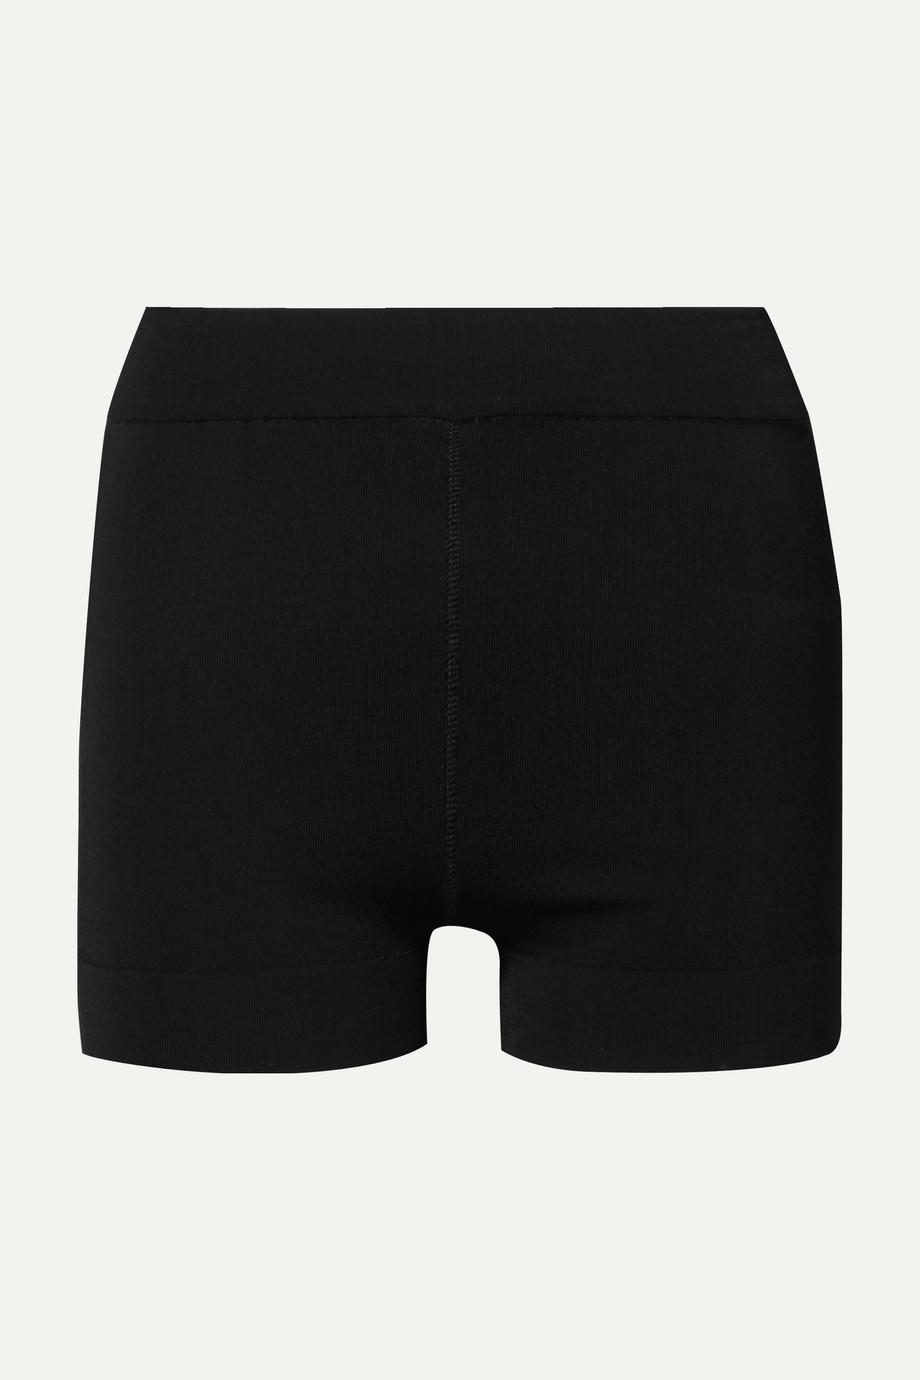 Alaïa Stretch-knit shorts